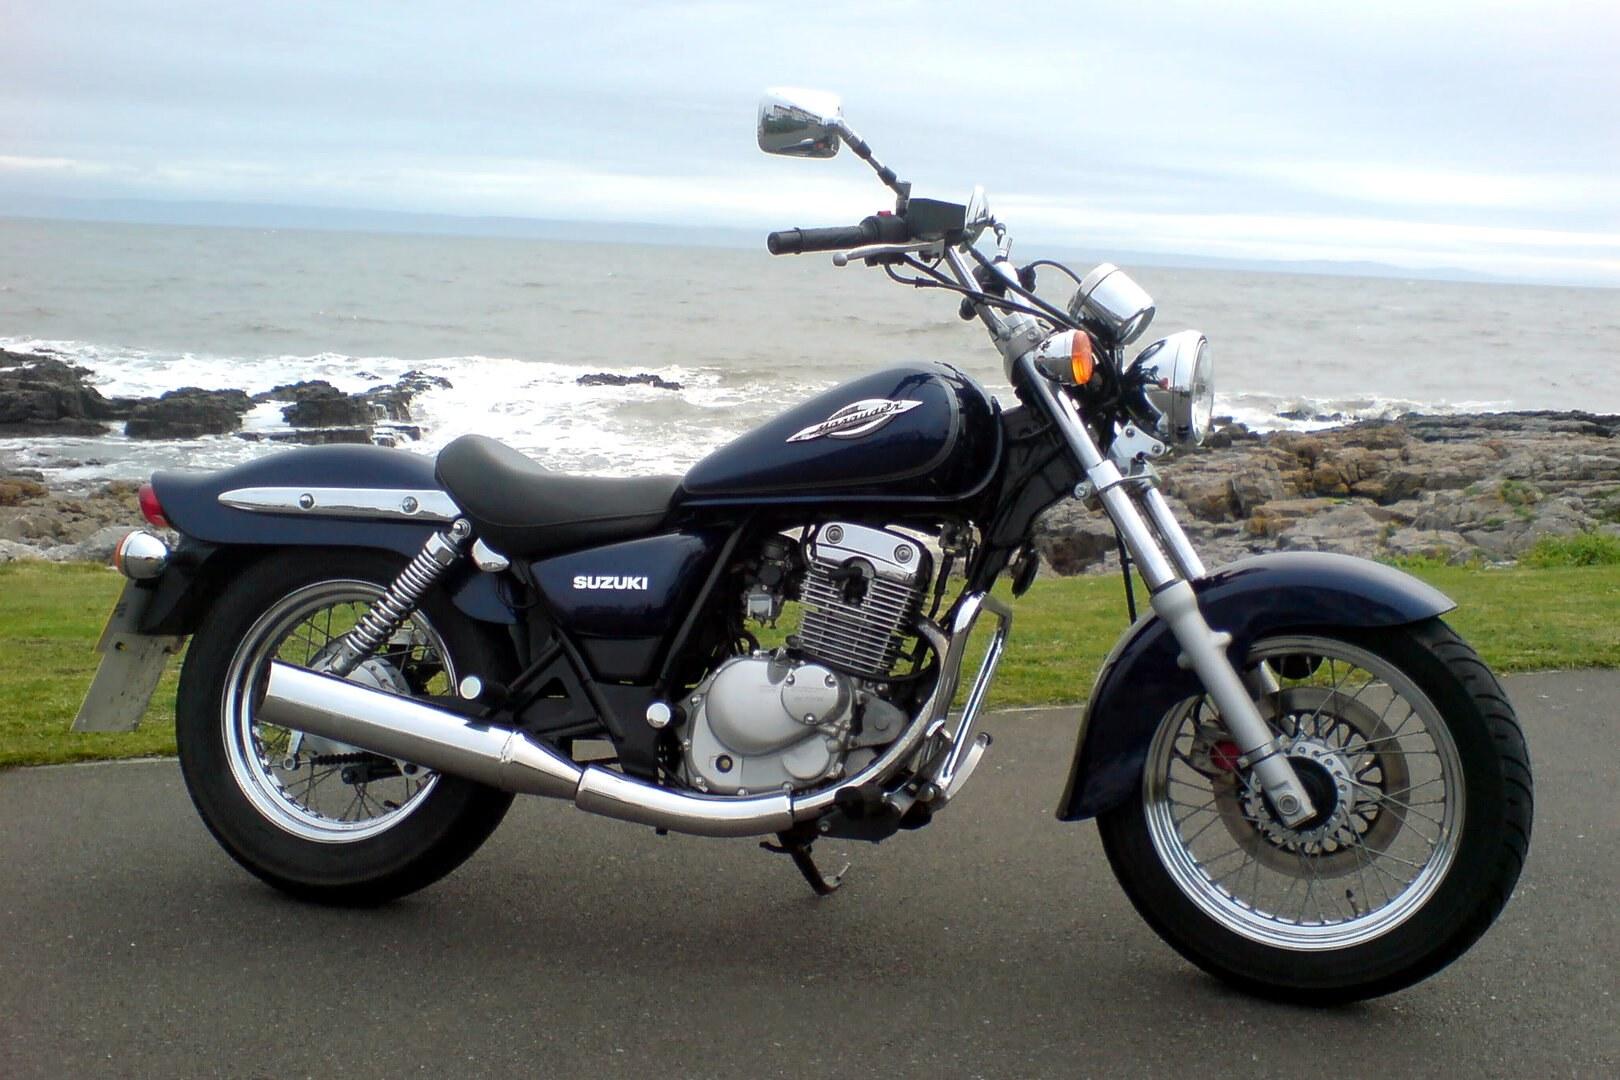 Moto del día: Suzuki GZ 125 Marauder